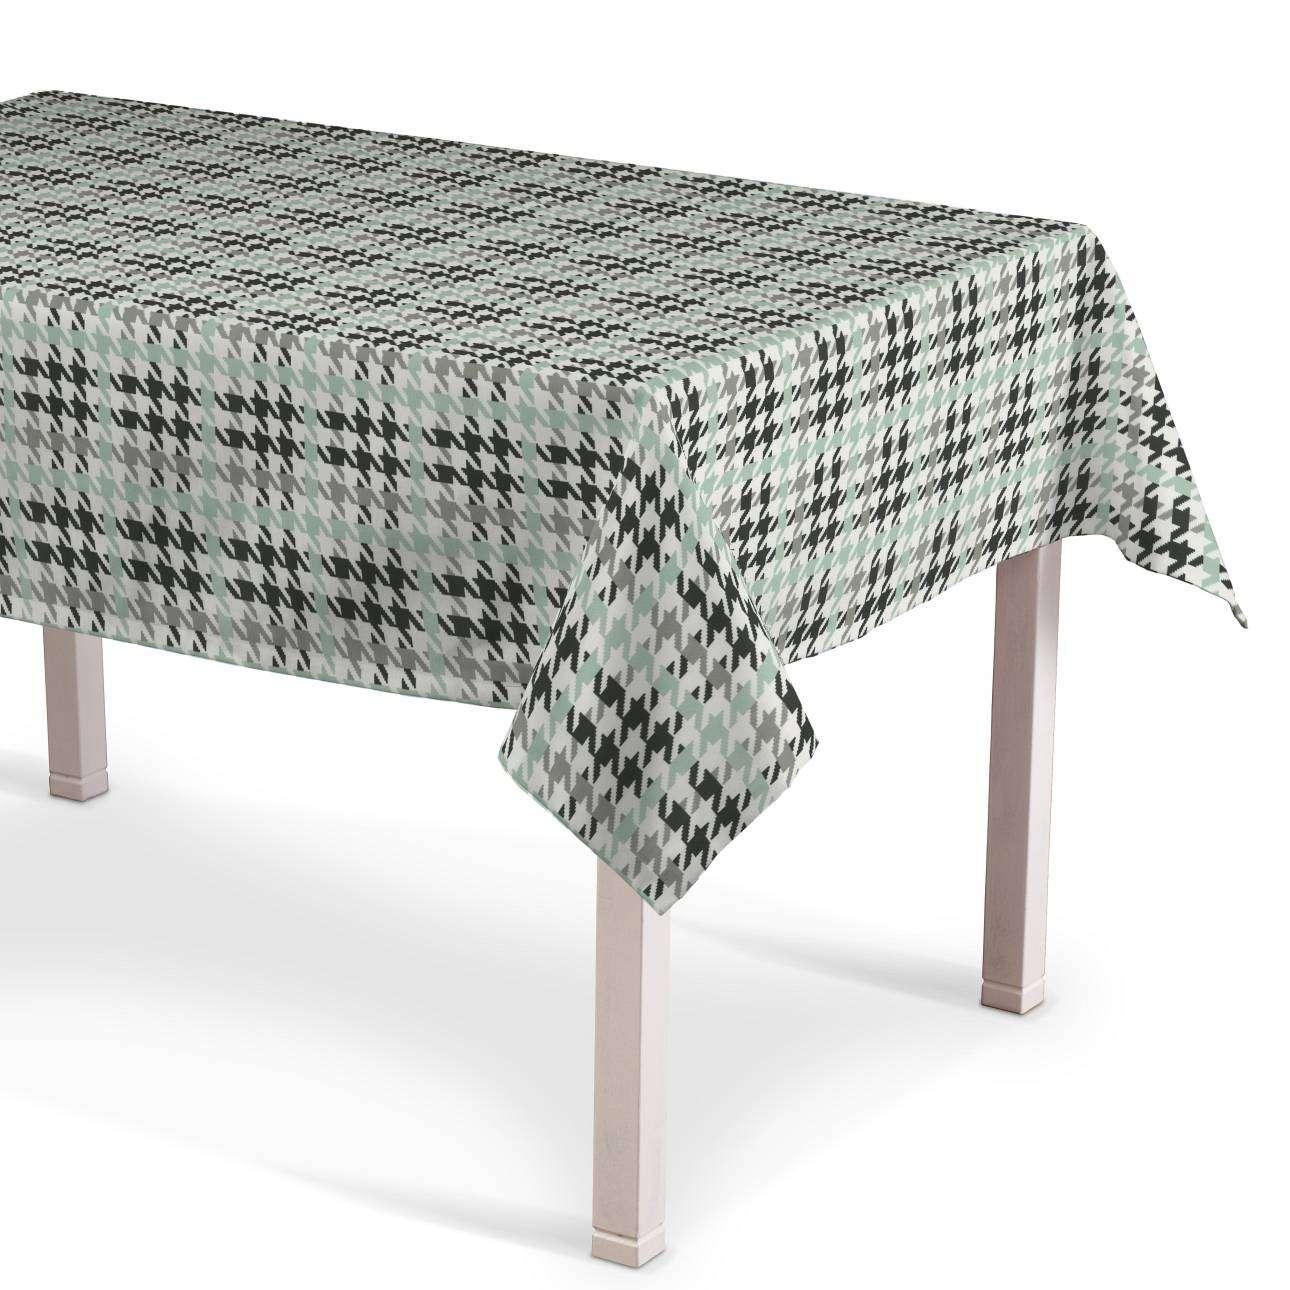 Rektangulære borddug fra kollektionen Restsalg, Stof: 137-77